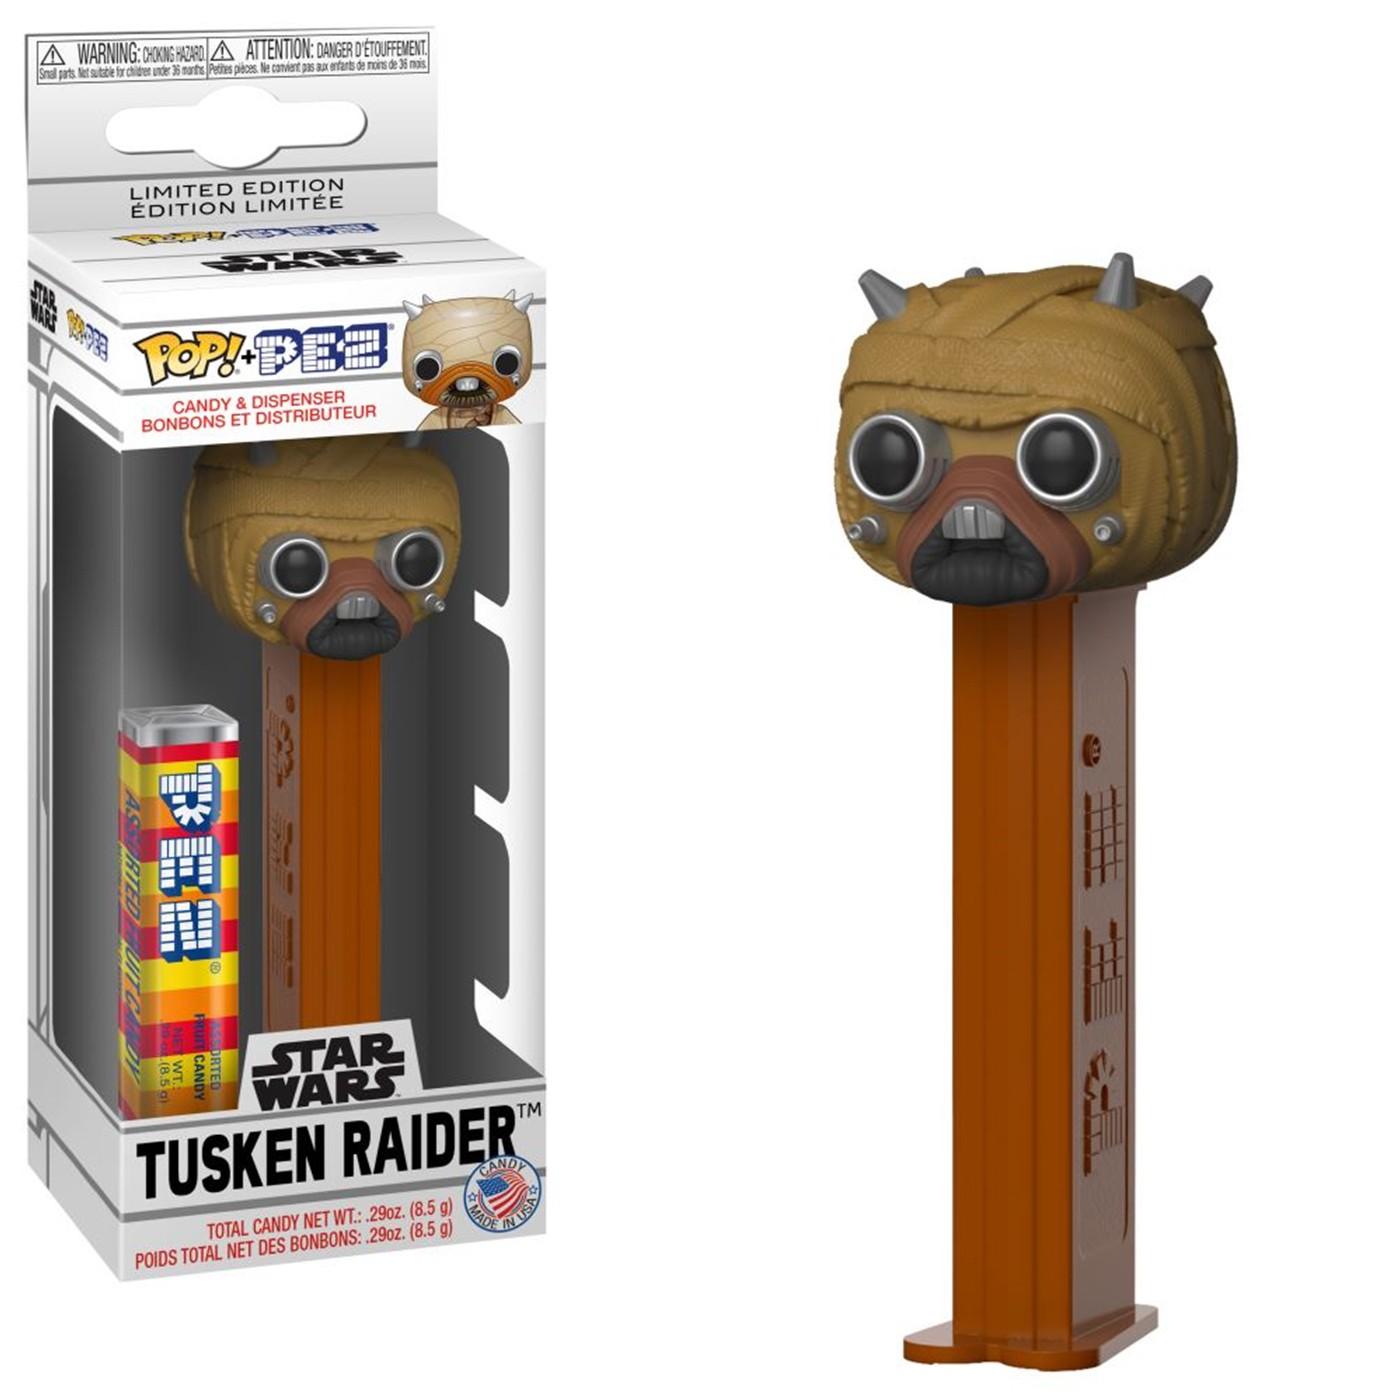 Star Wars Tusken Raider Pez Dispenser